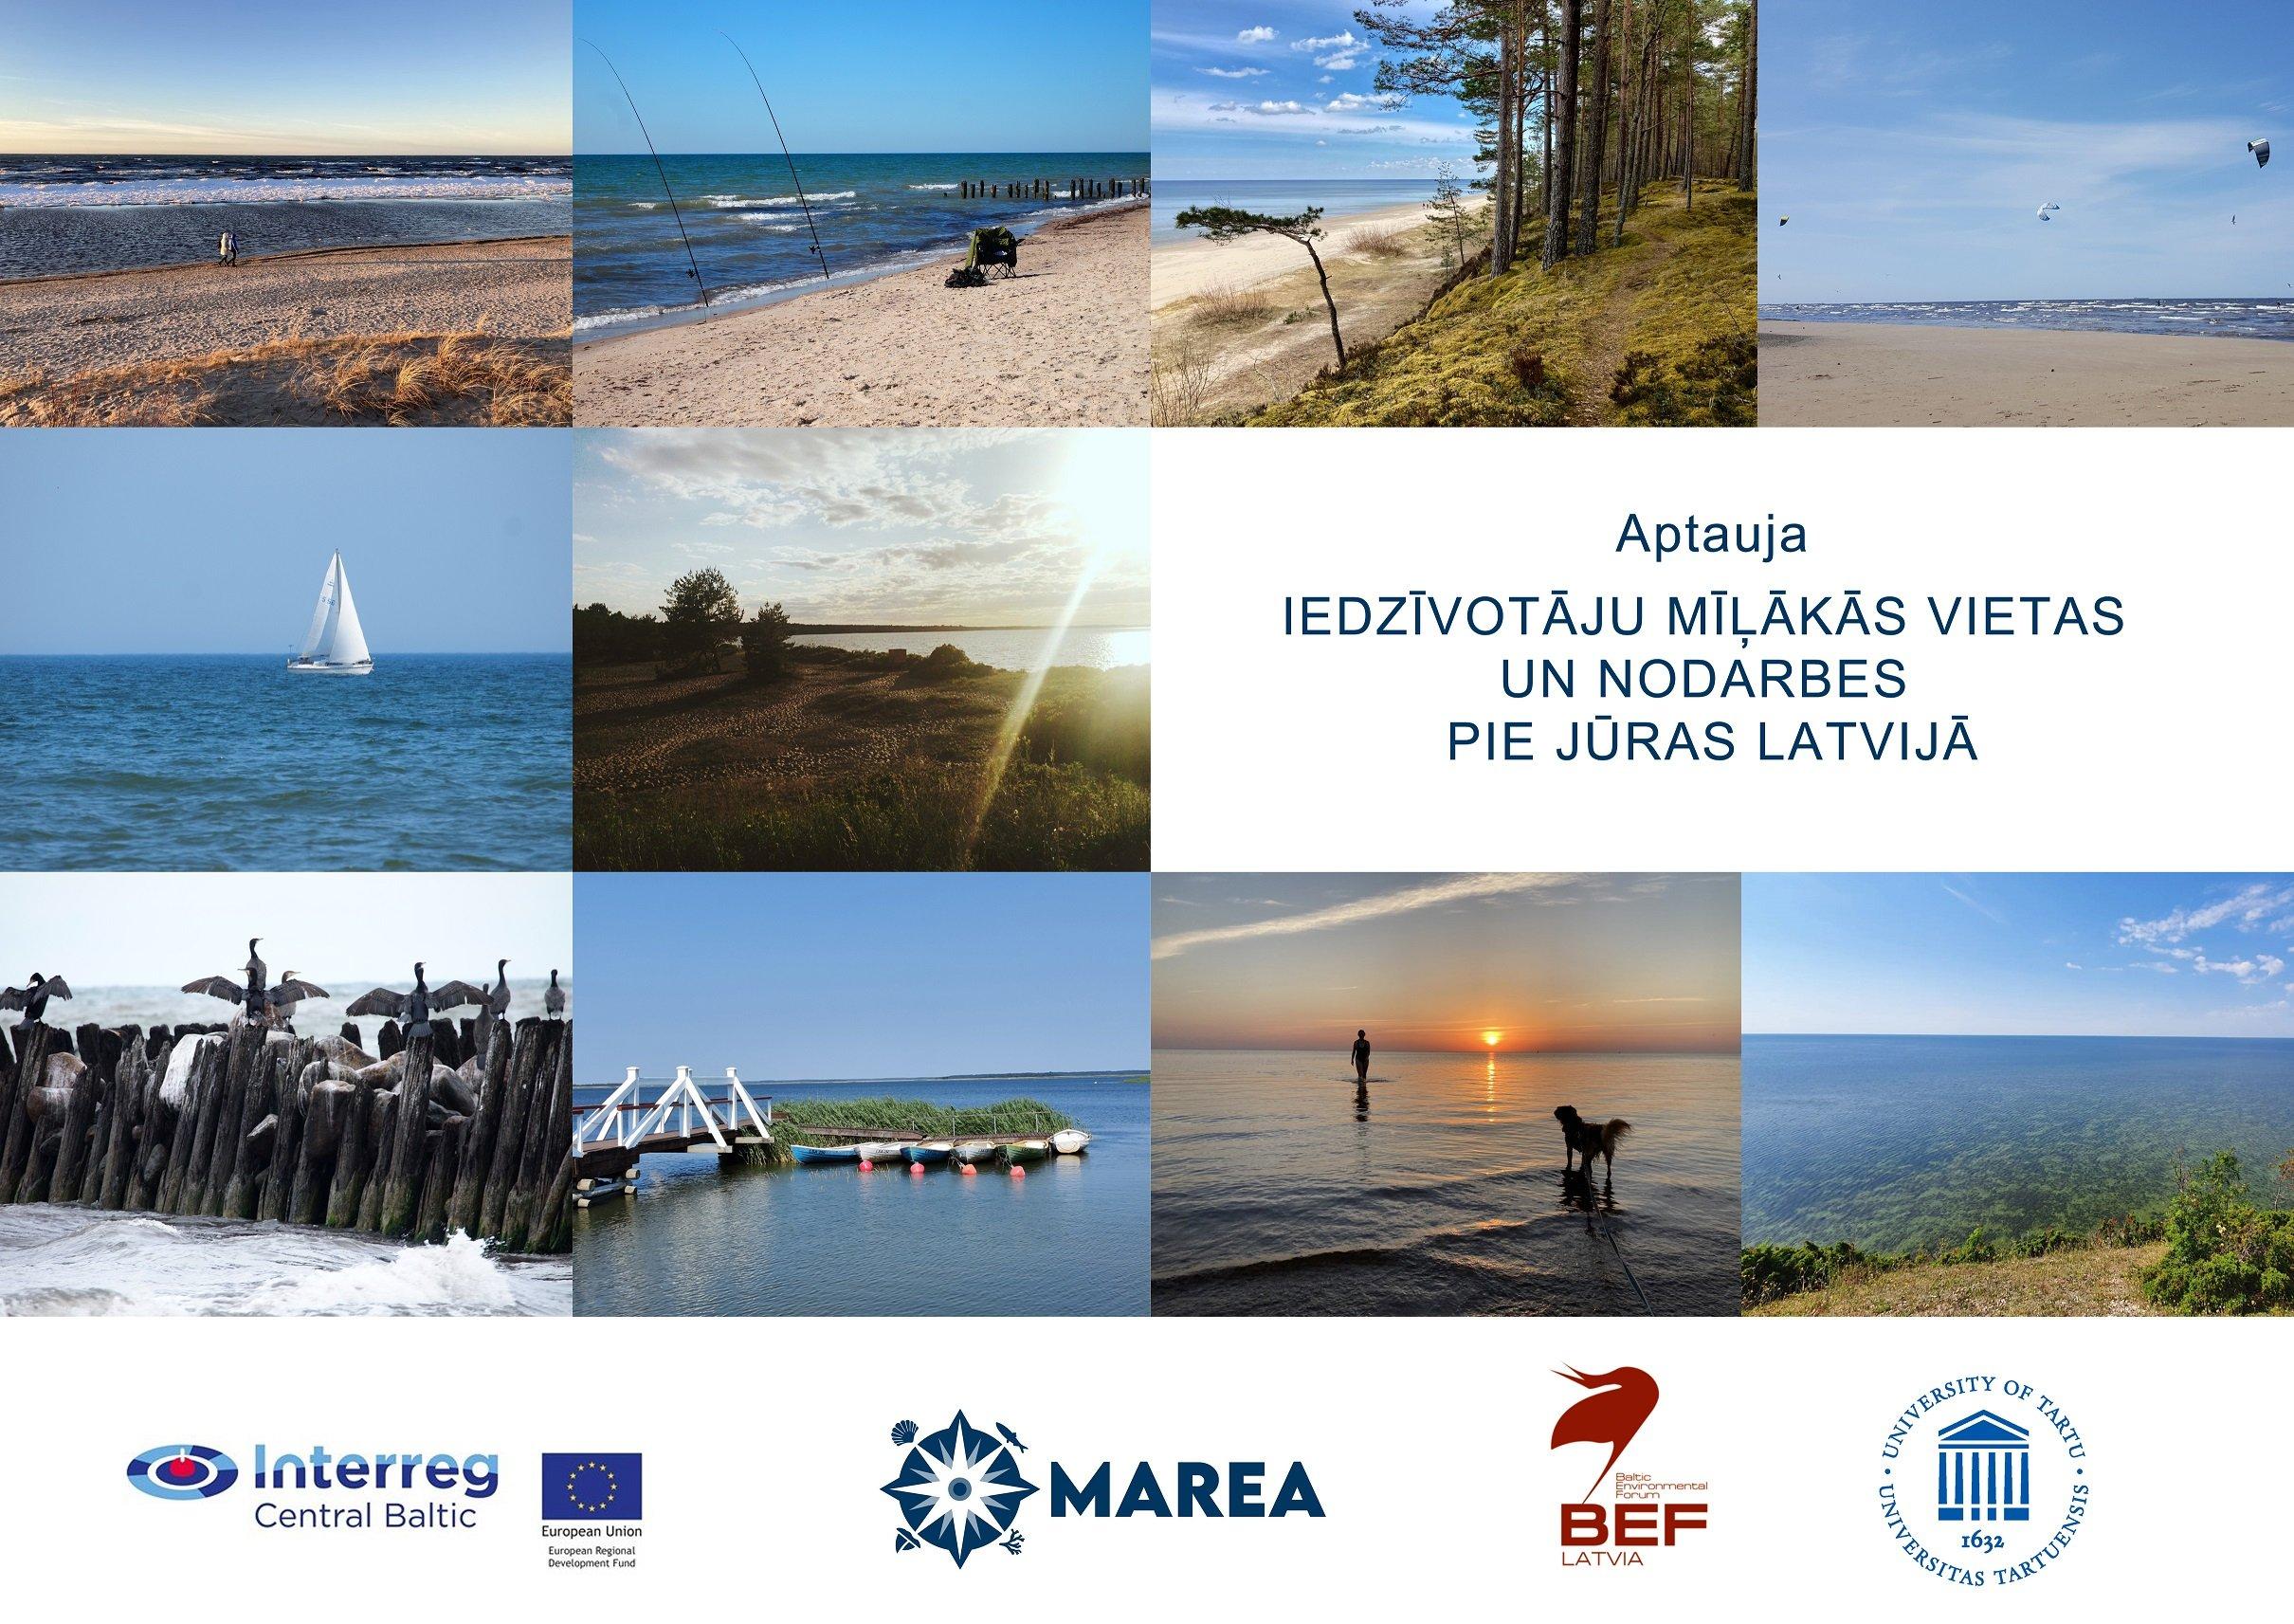 Aicinām piedalīties aptaujā par savu iecienītāko jūras piekrastes vietu un aktivitātēm tajā